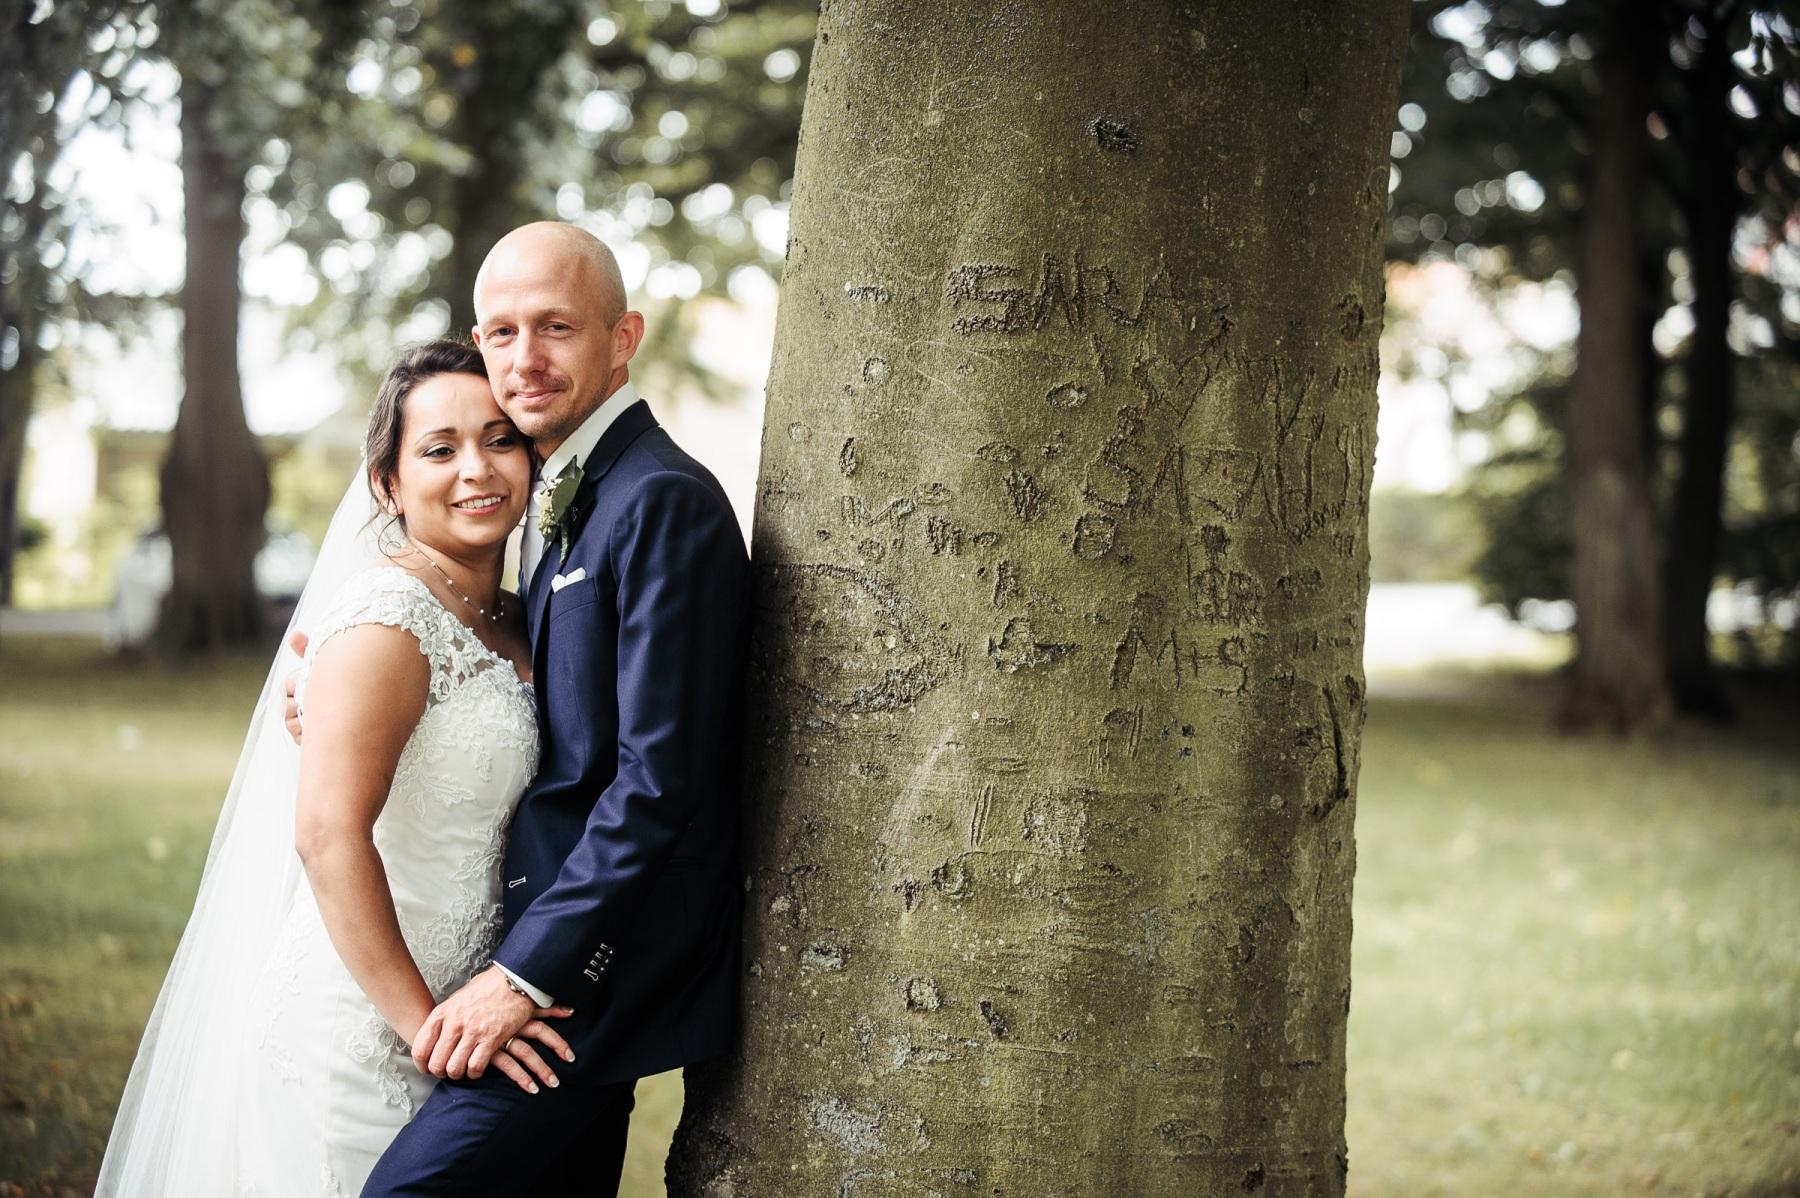 bryllups-fotograf-048